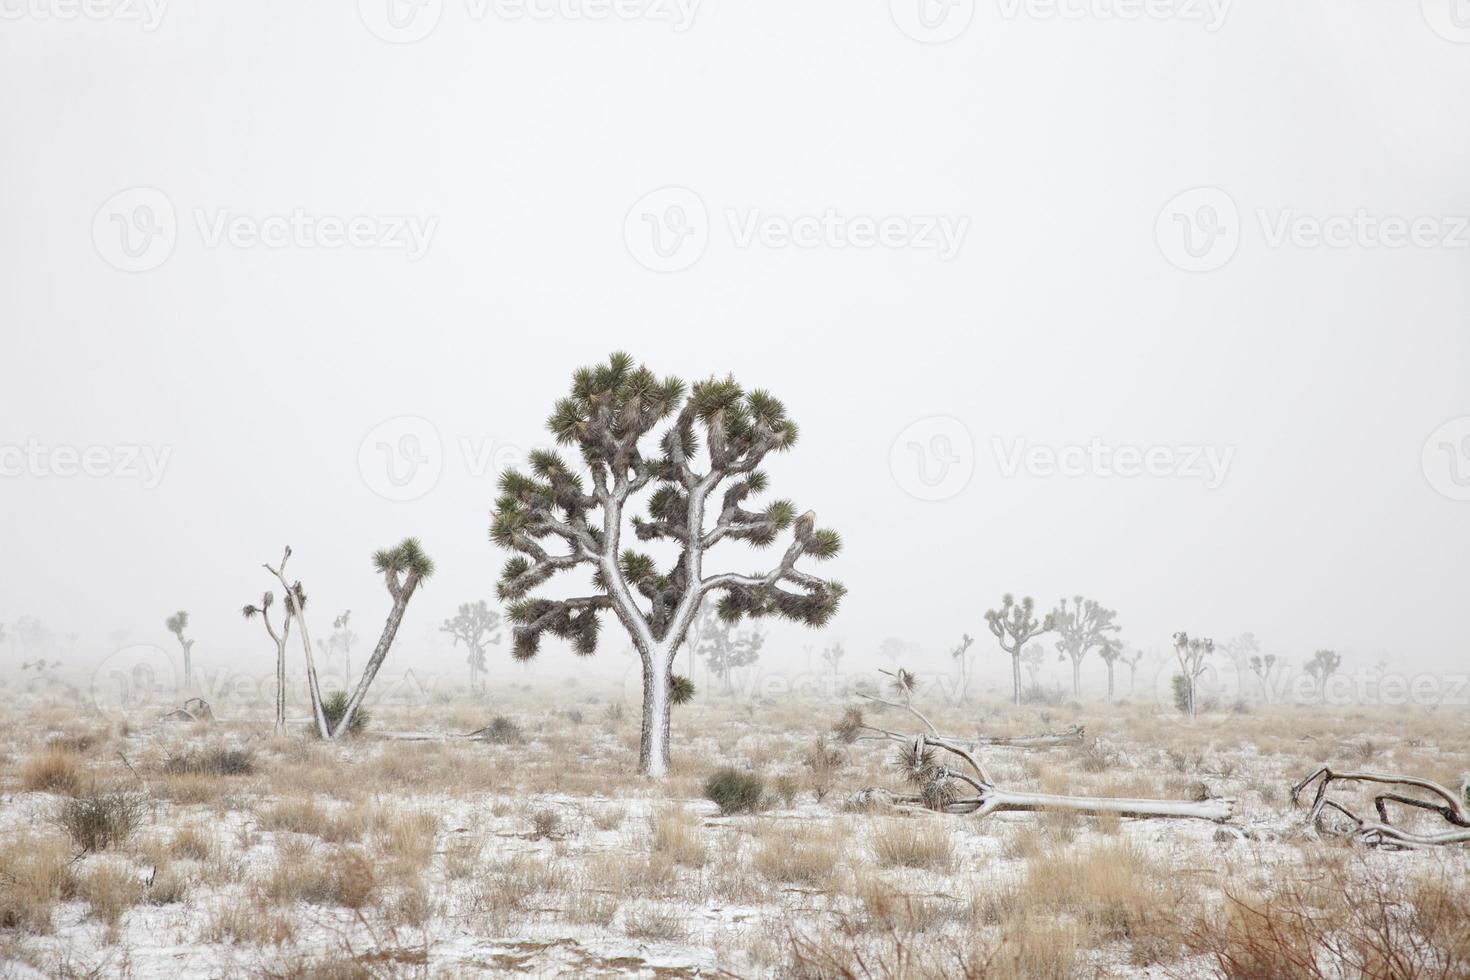 désert de mojave blizzard parc national de joshua tree californie copy space photo